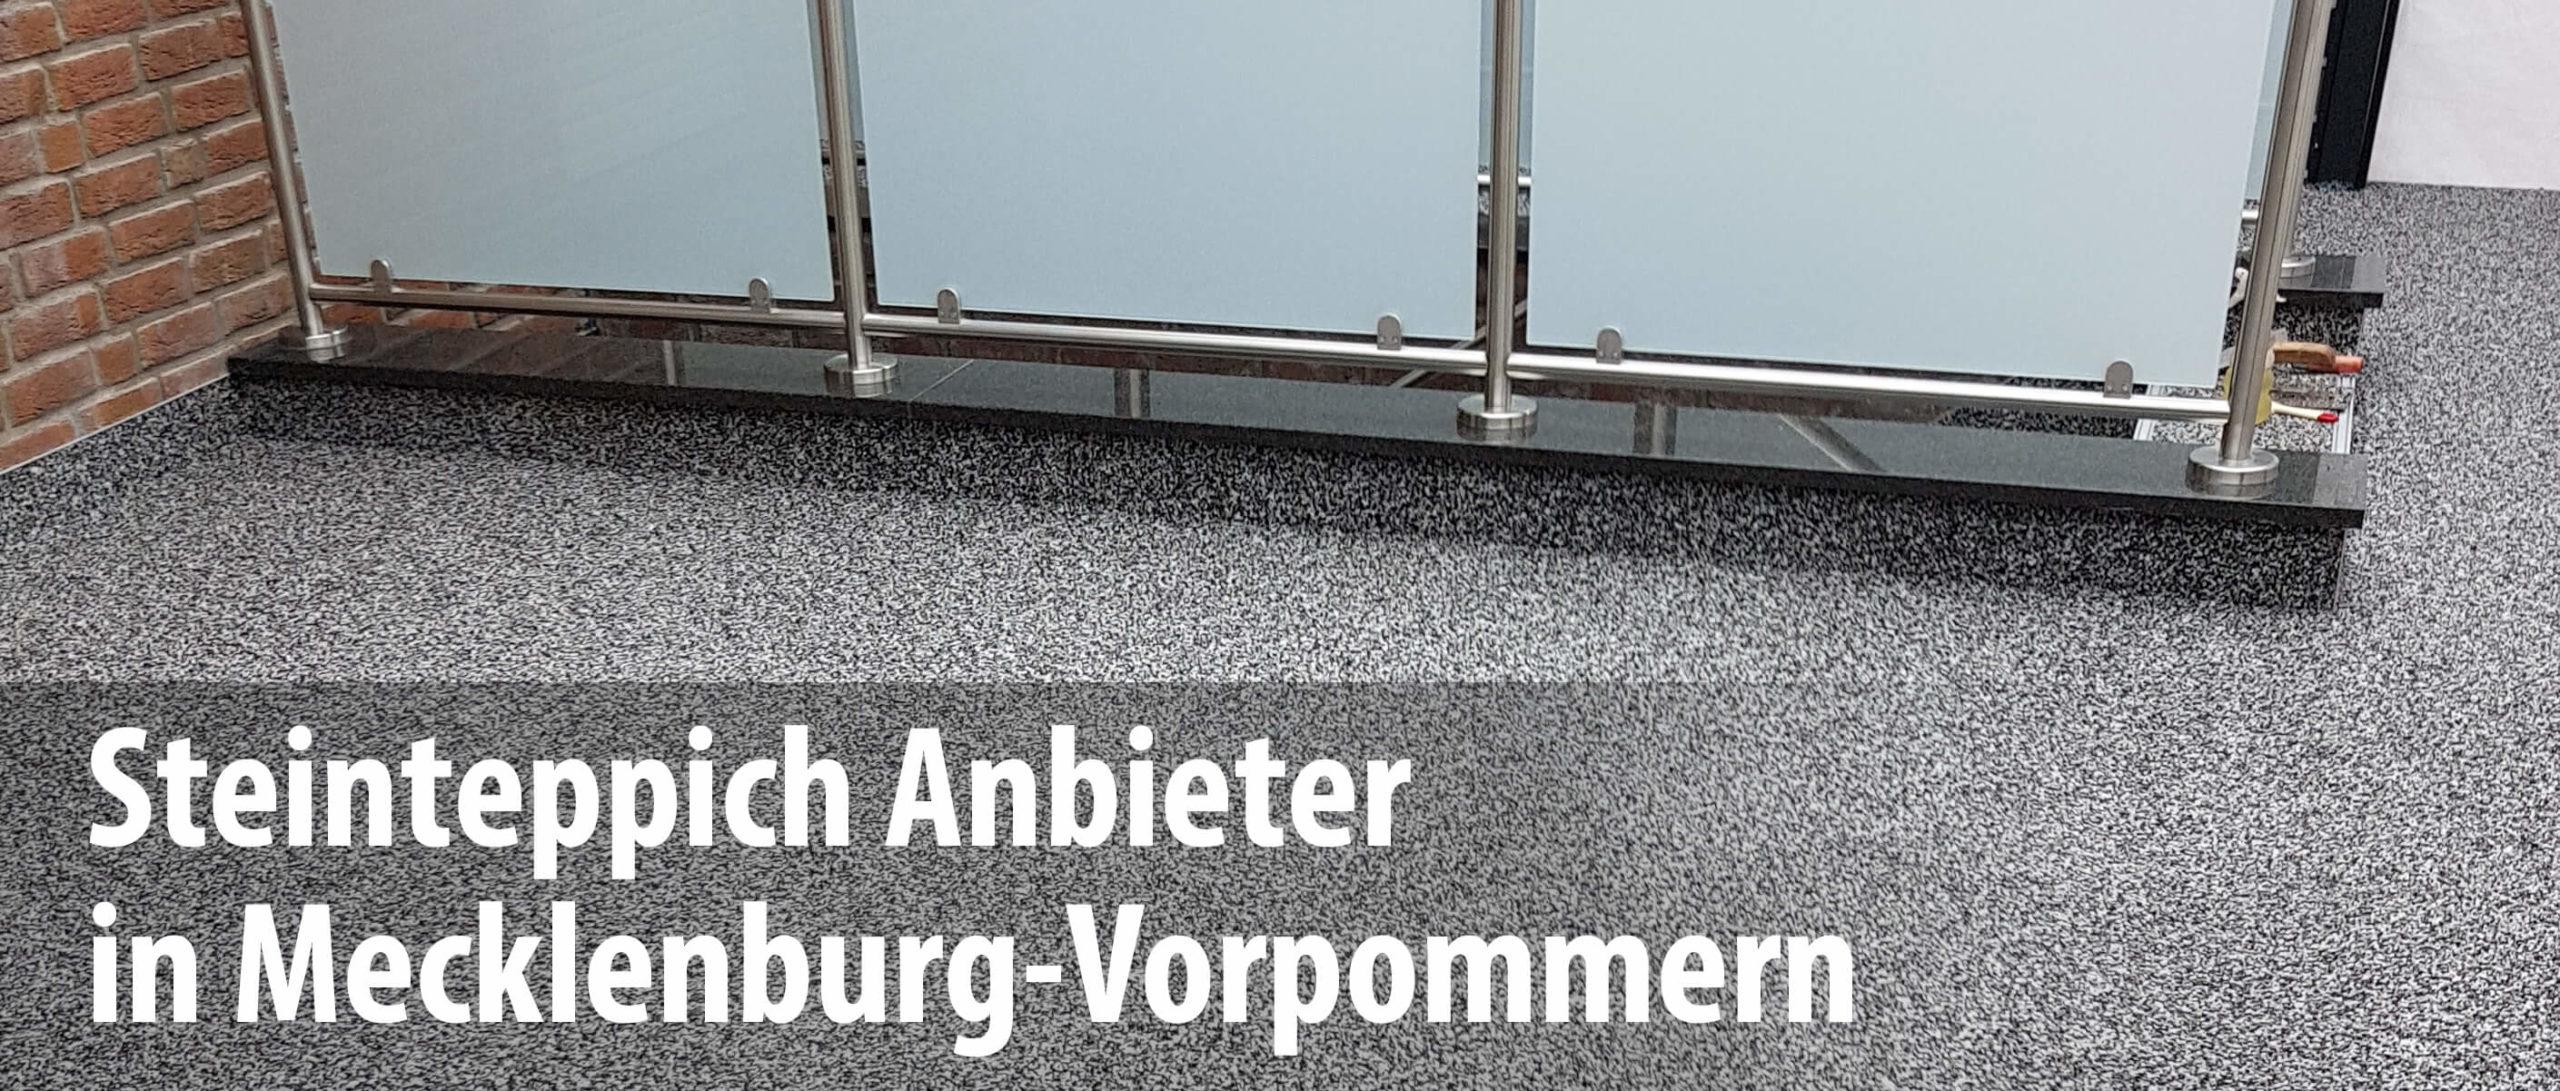 Wir arbeiten mit Steinteppich-Anbietern in Mecklenburg-Vorpommern zusammen und bieten mit unseren Partnern die professionelle Sanierung und Abdichtung von Balkonen und Terrassen.